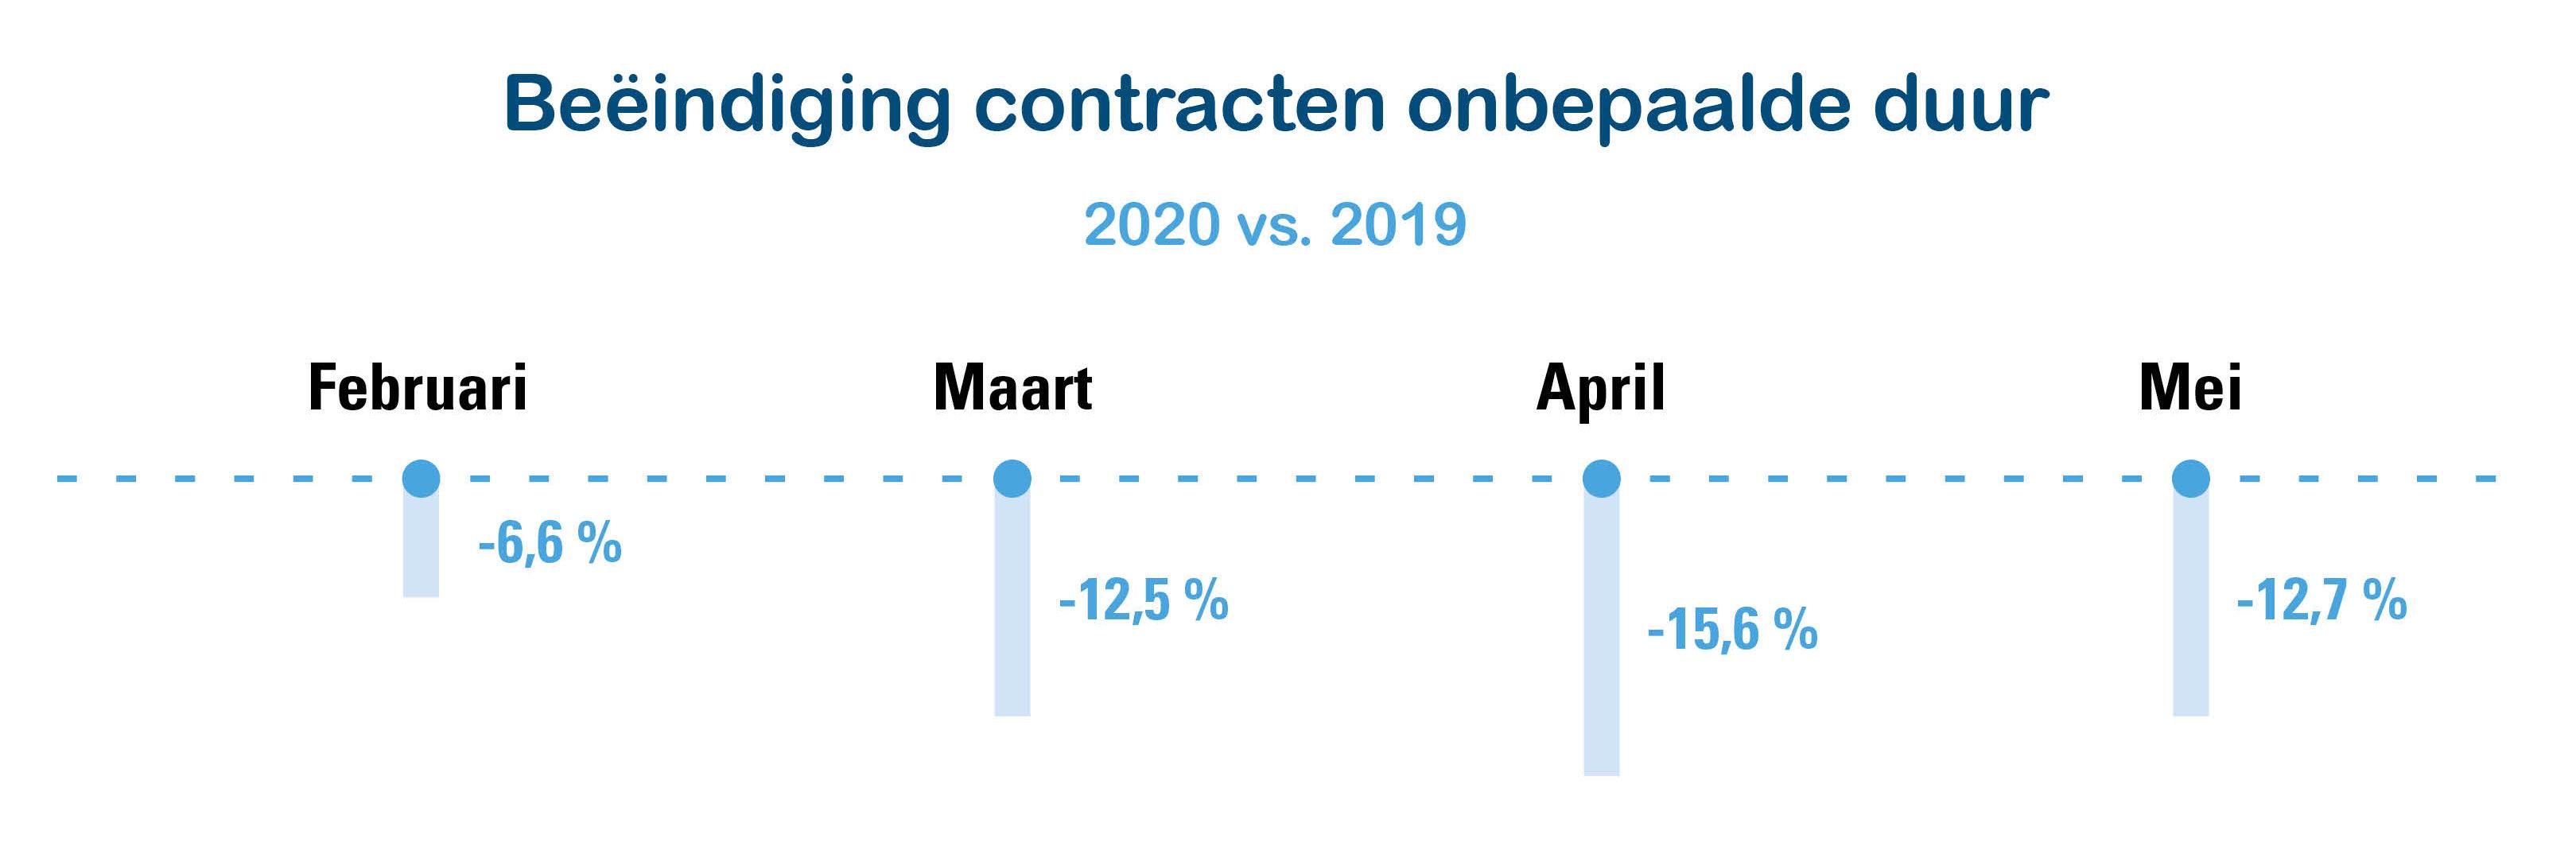 Figuur 1: Beëindiging contracten onbepaalde duur, feb/ma/april/mei 2020 vs. 2019